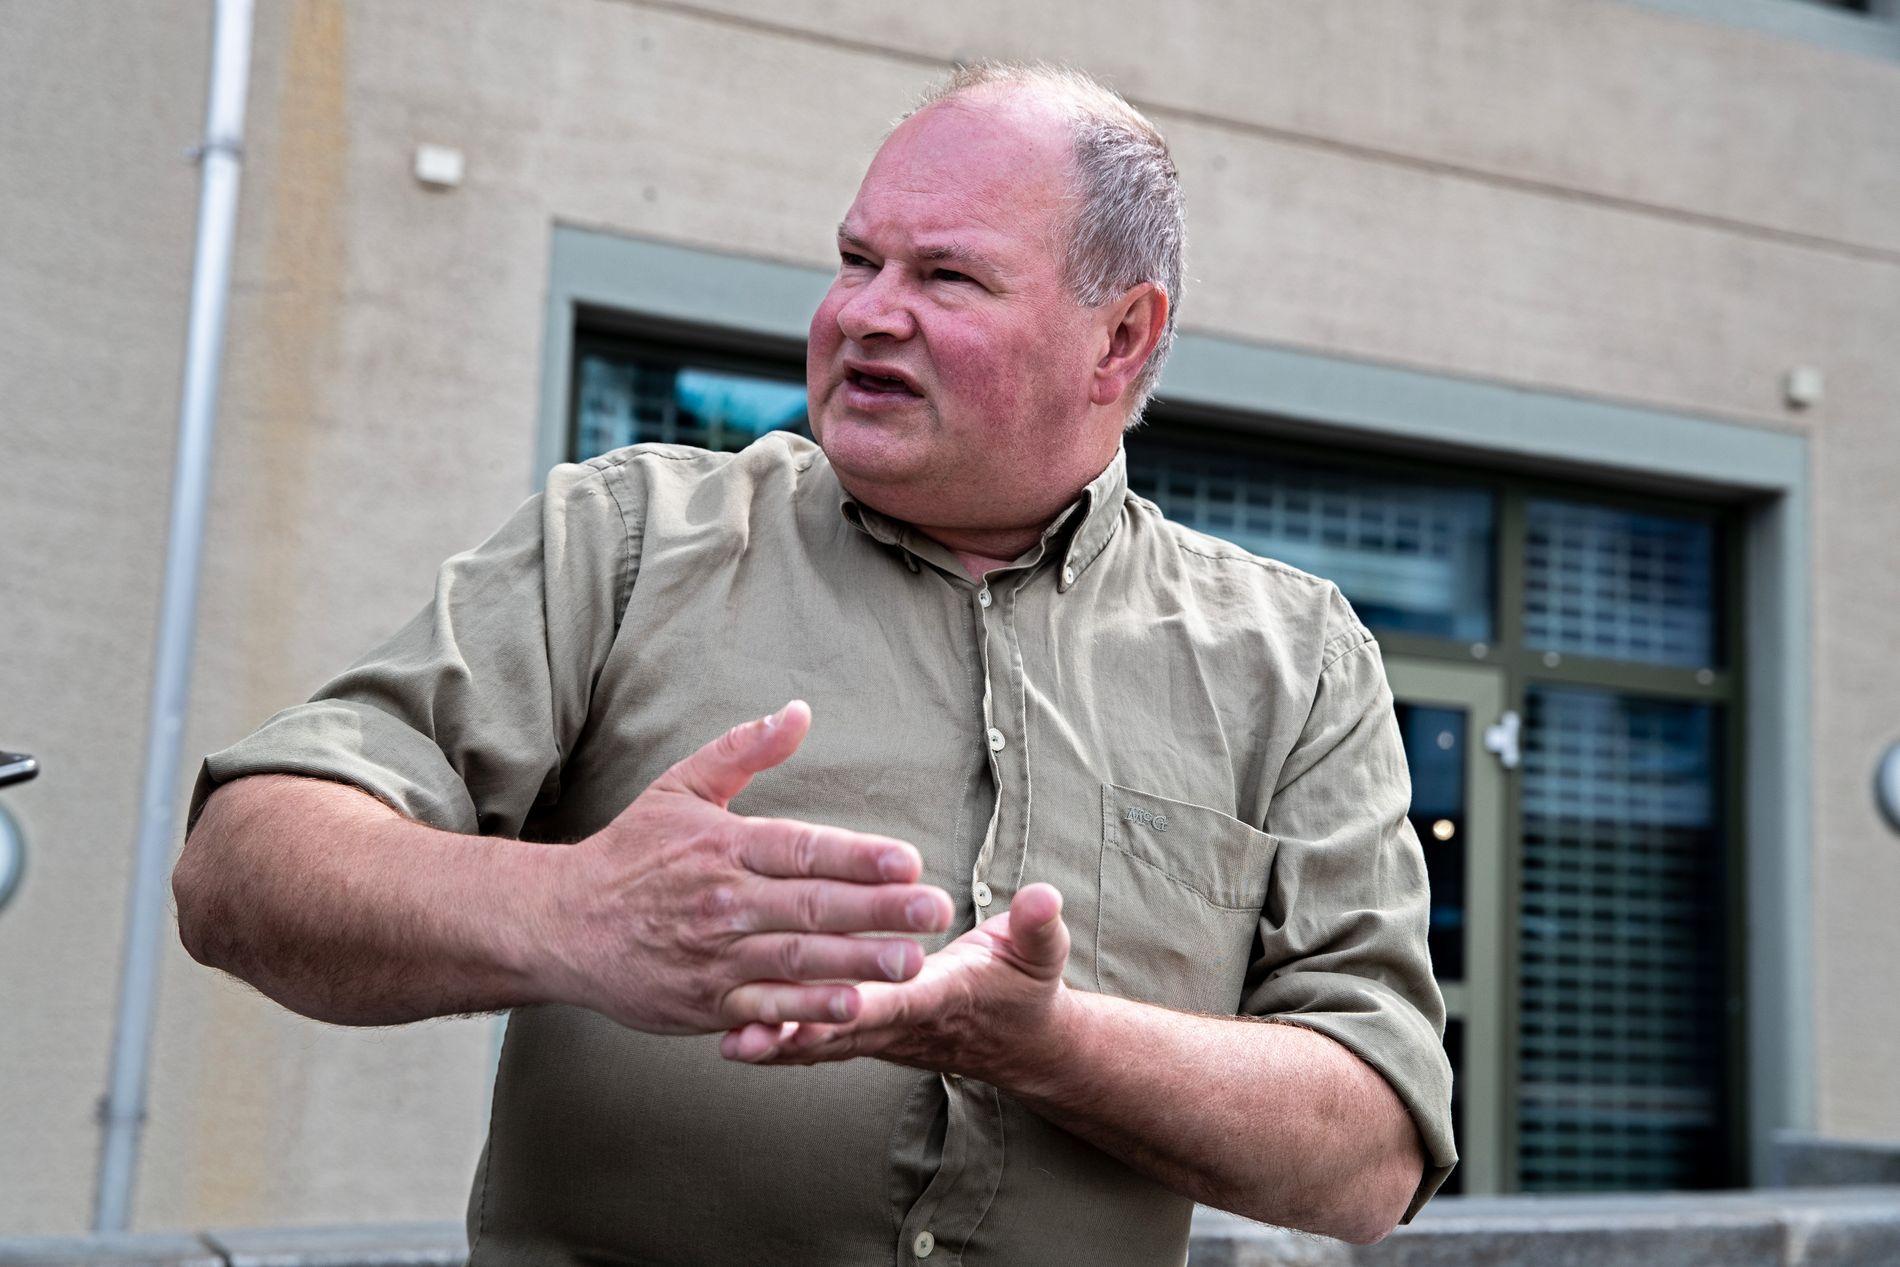 IKKE RÅD:  - Hvis du bygger noe du ikke har råd til havner du i bunnløs gjeld, sier Trym Aafløy, som mener Bergen ikke har råd til bybane-utbygging.